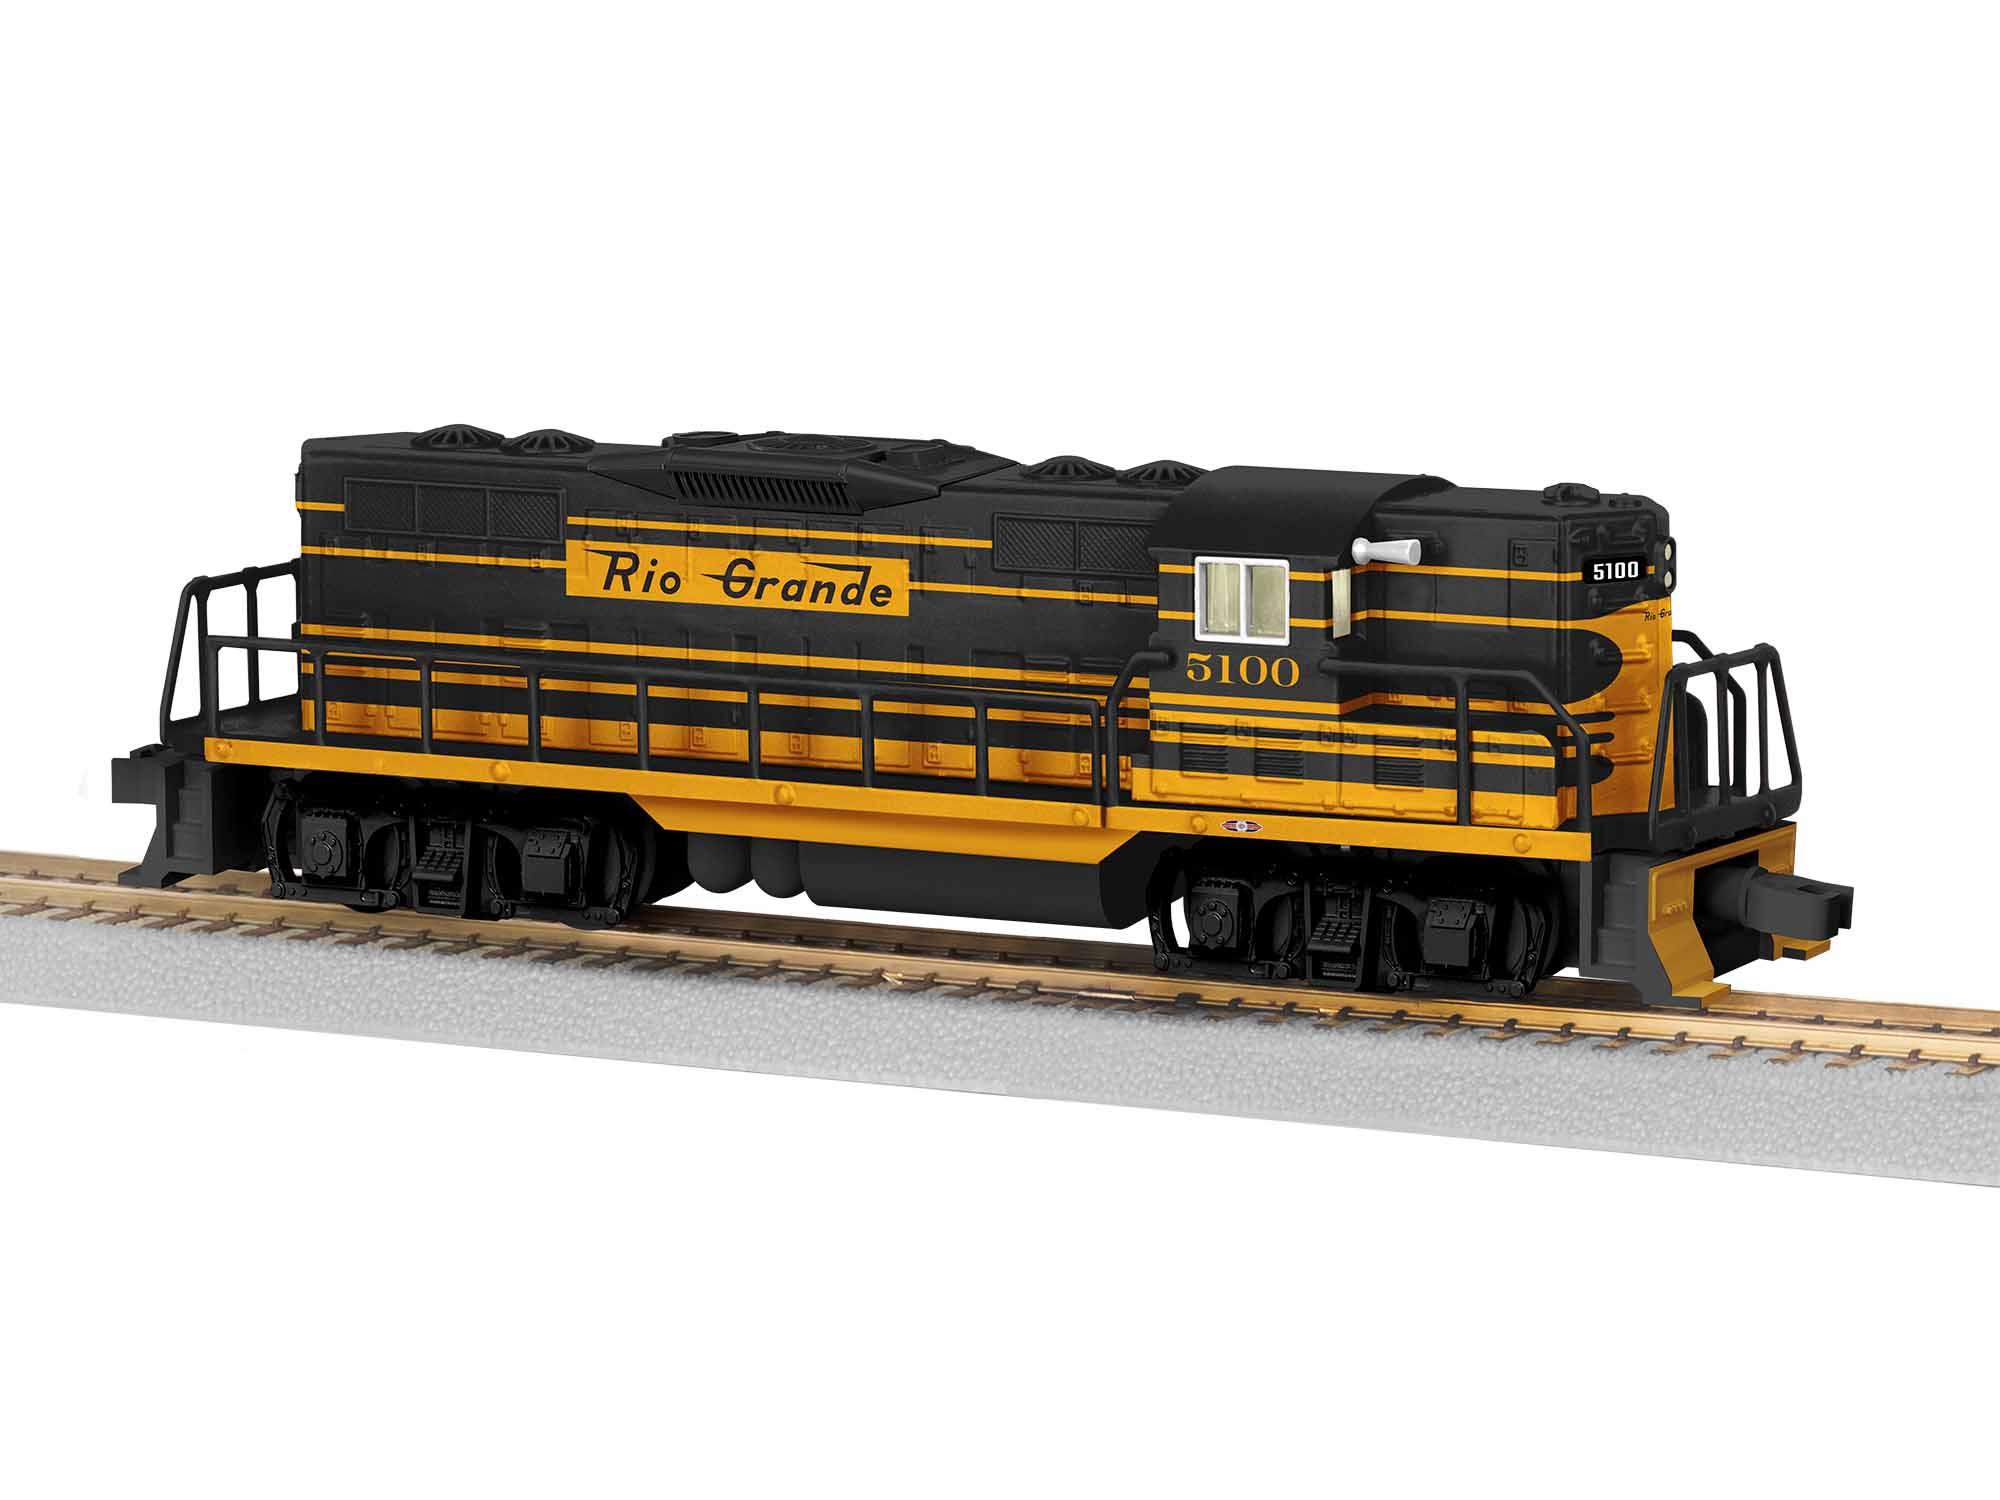 LNL1921180 Lionel S AF GP7, D&RGW #5100